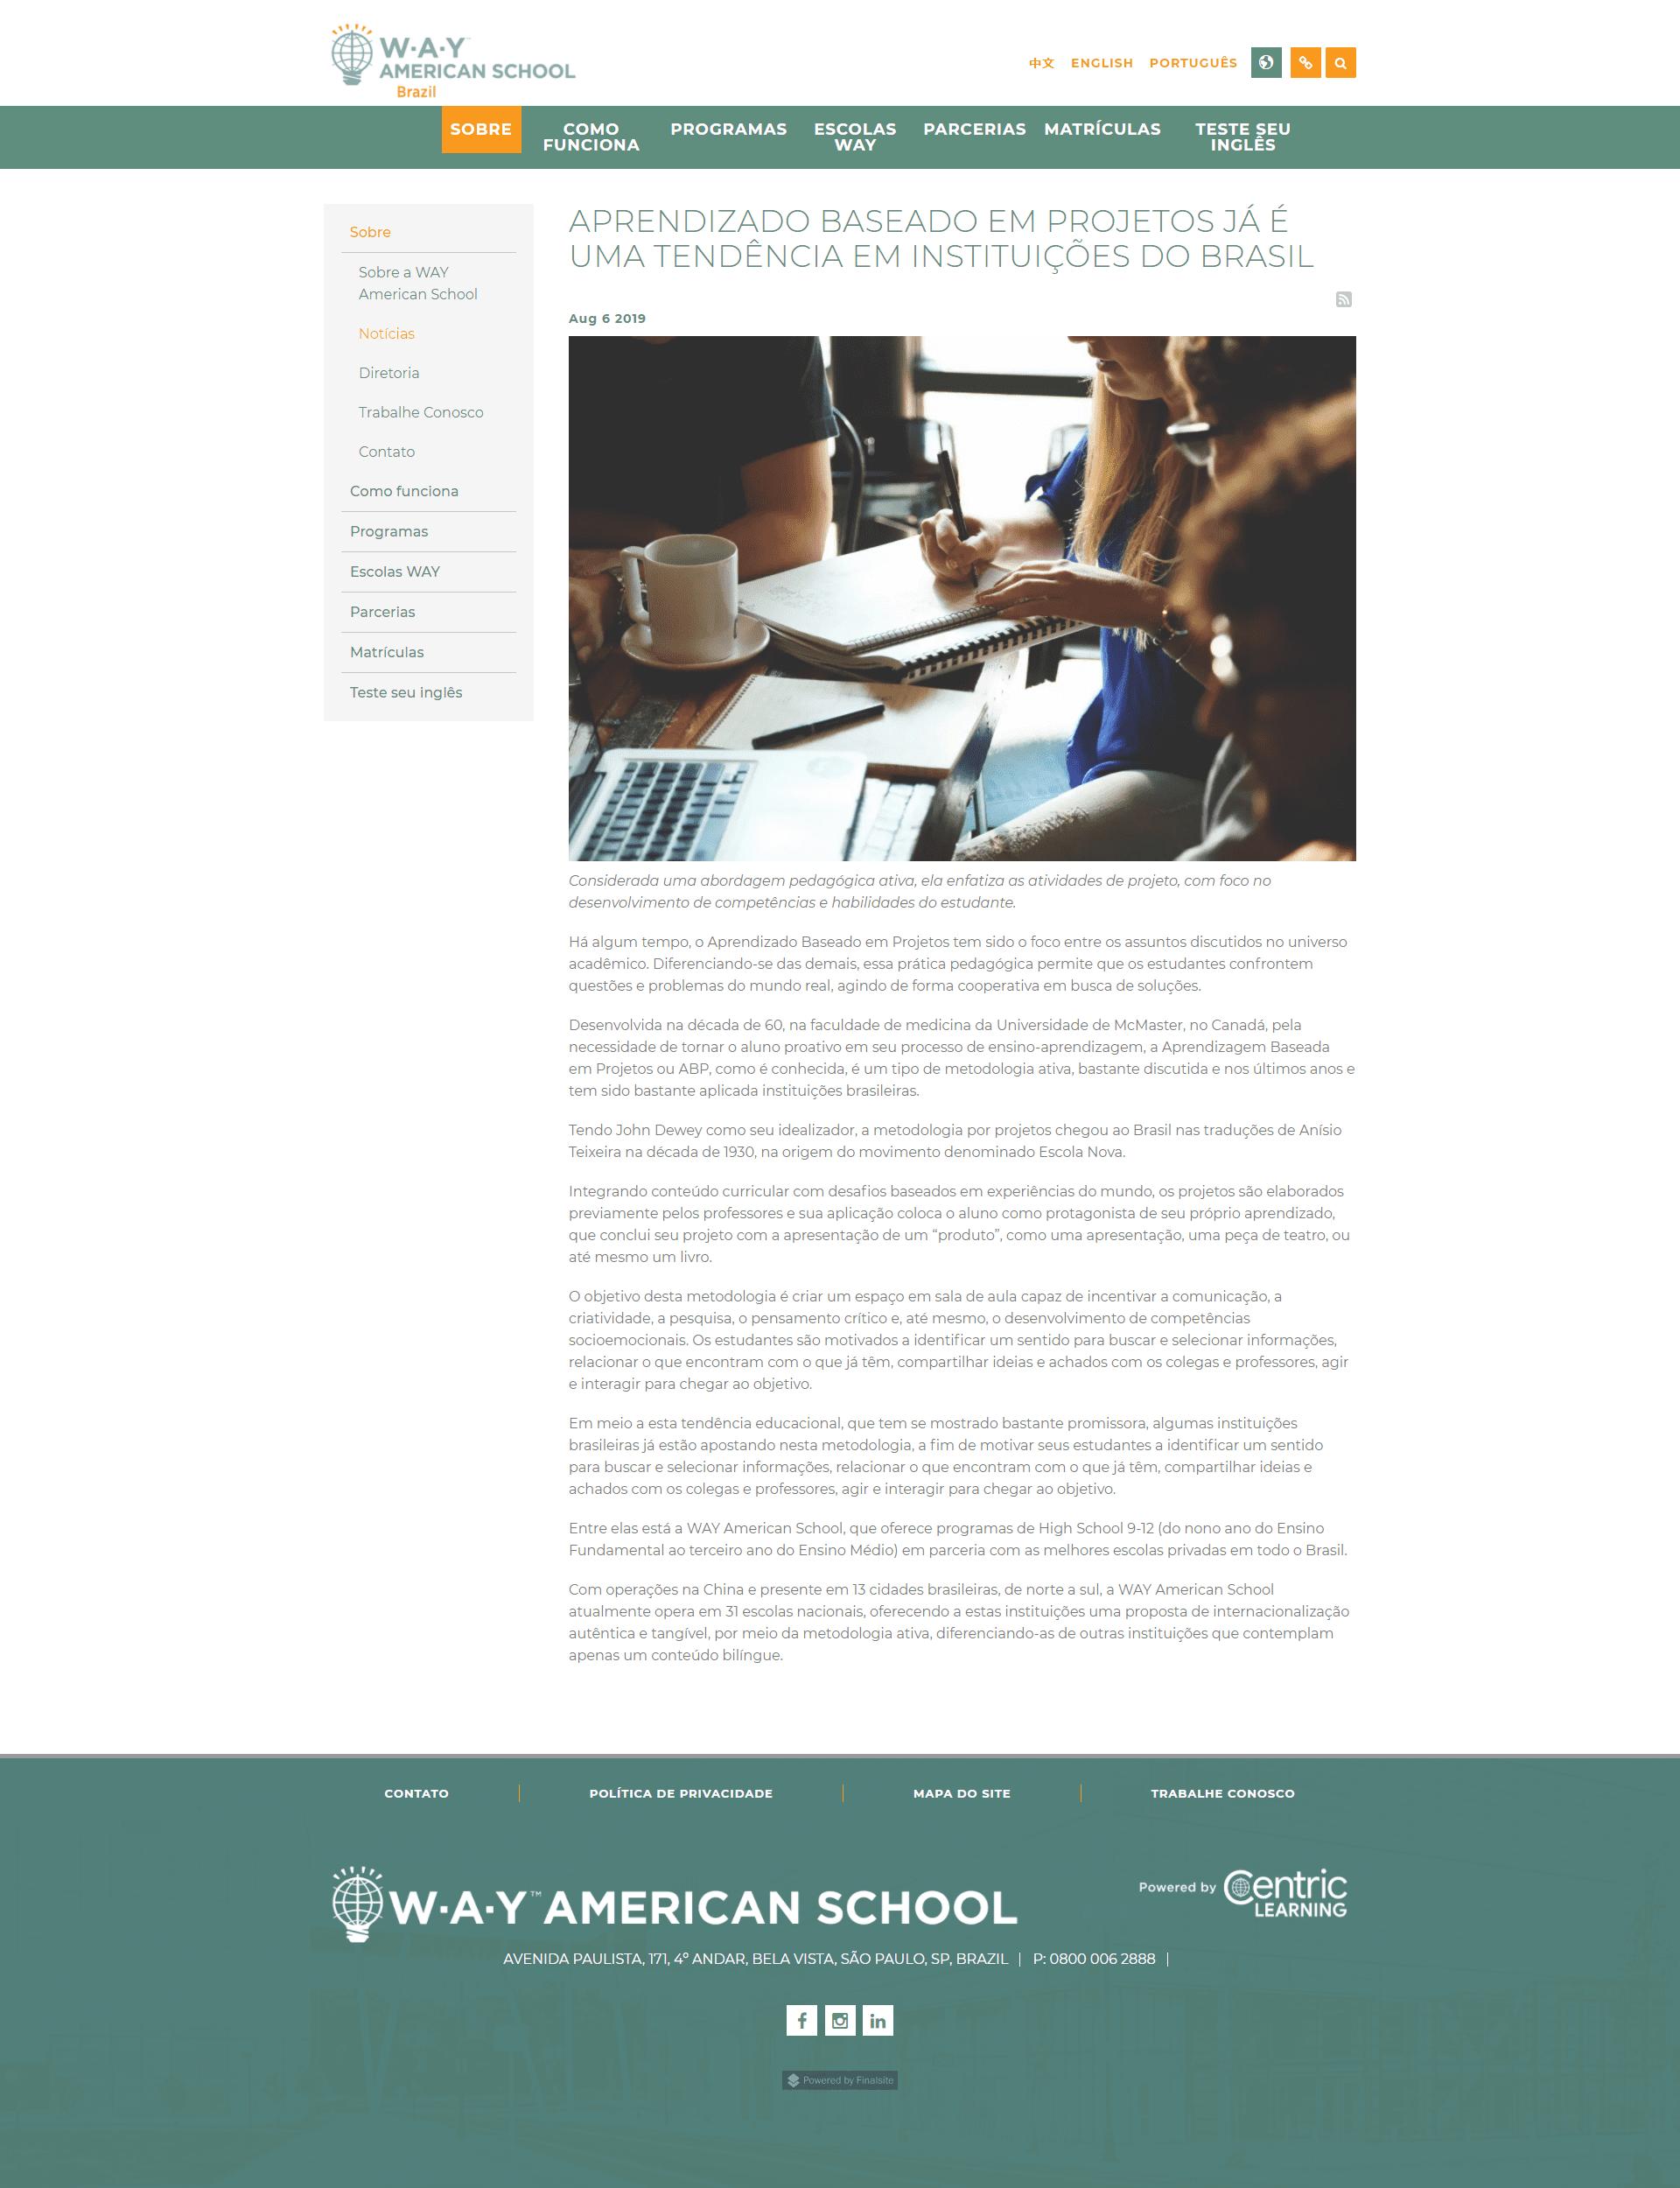 screencapture-wayamericanschool-br-sobre-news-detalhes-de-noticias-board-way-blog-br-post-aprendizado-baseado-em-projetos-j-uma-tendncia-em-instituies-do-brasil-2021-01-14-22_50_01